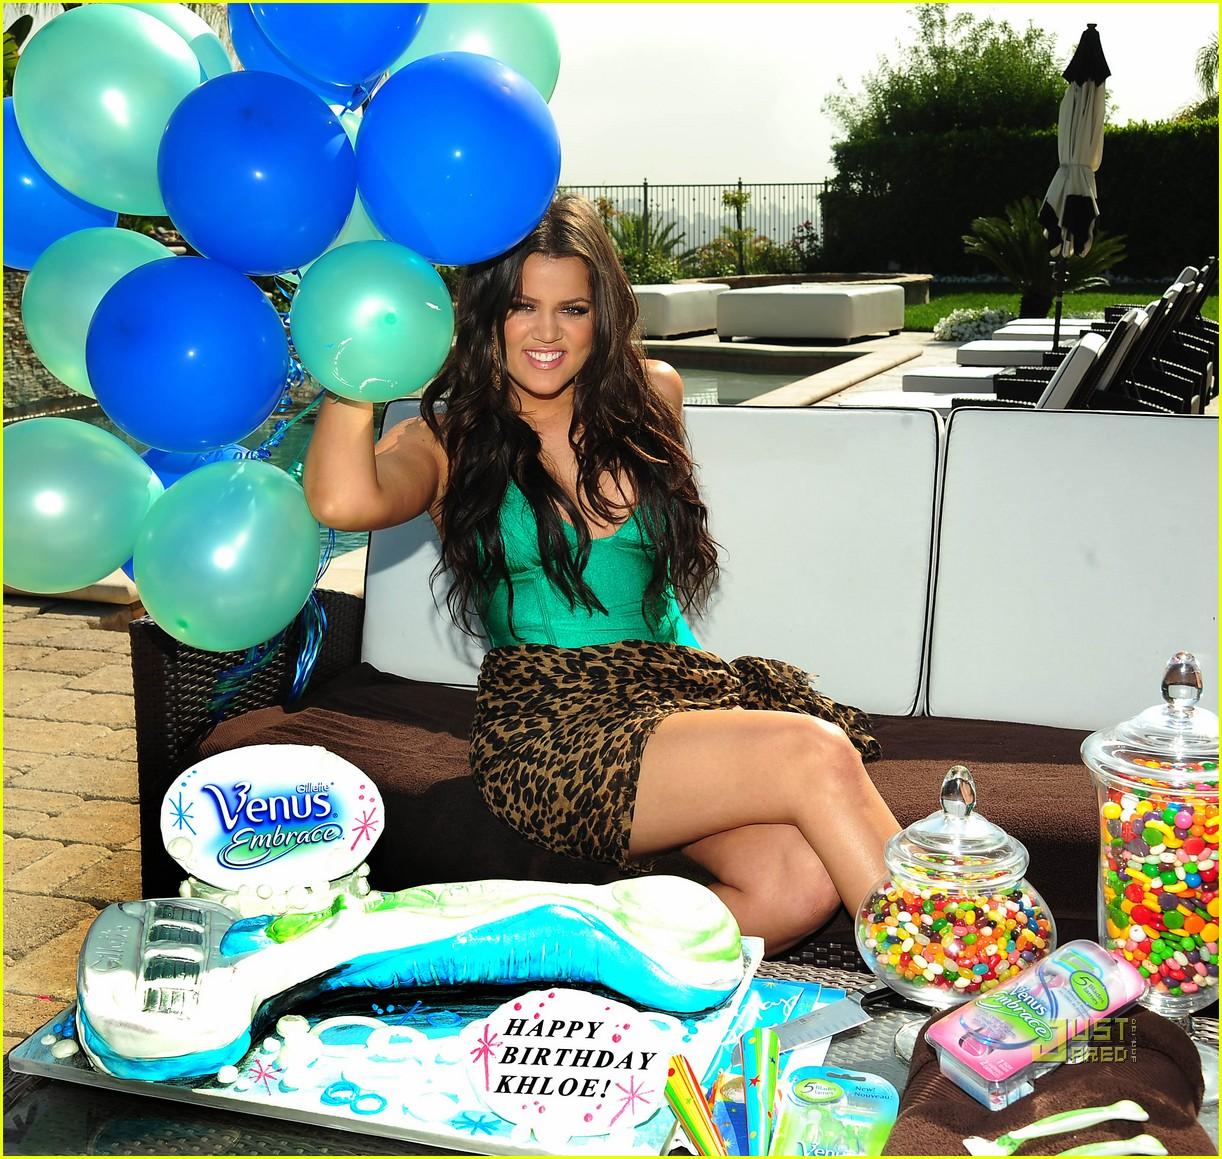 Happy Birthday Khloé Kardashian Odom